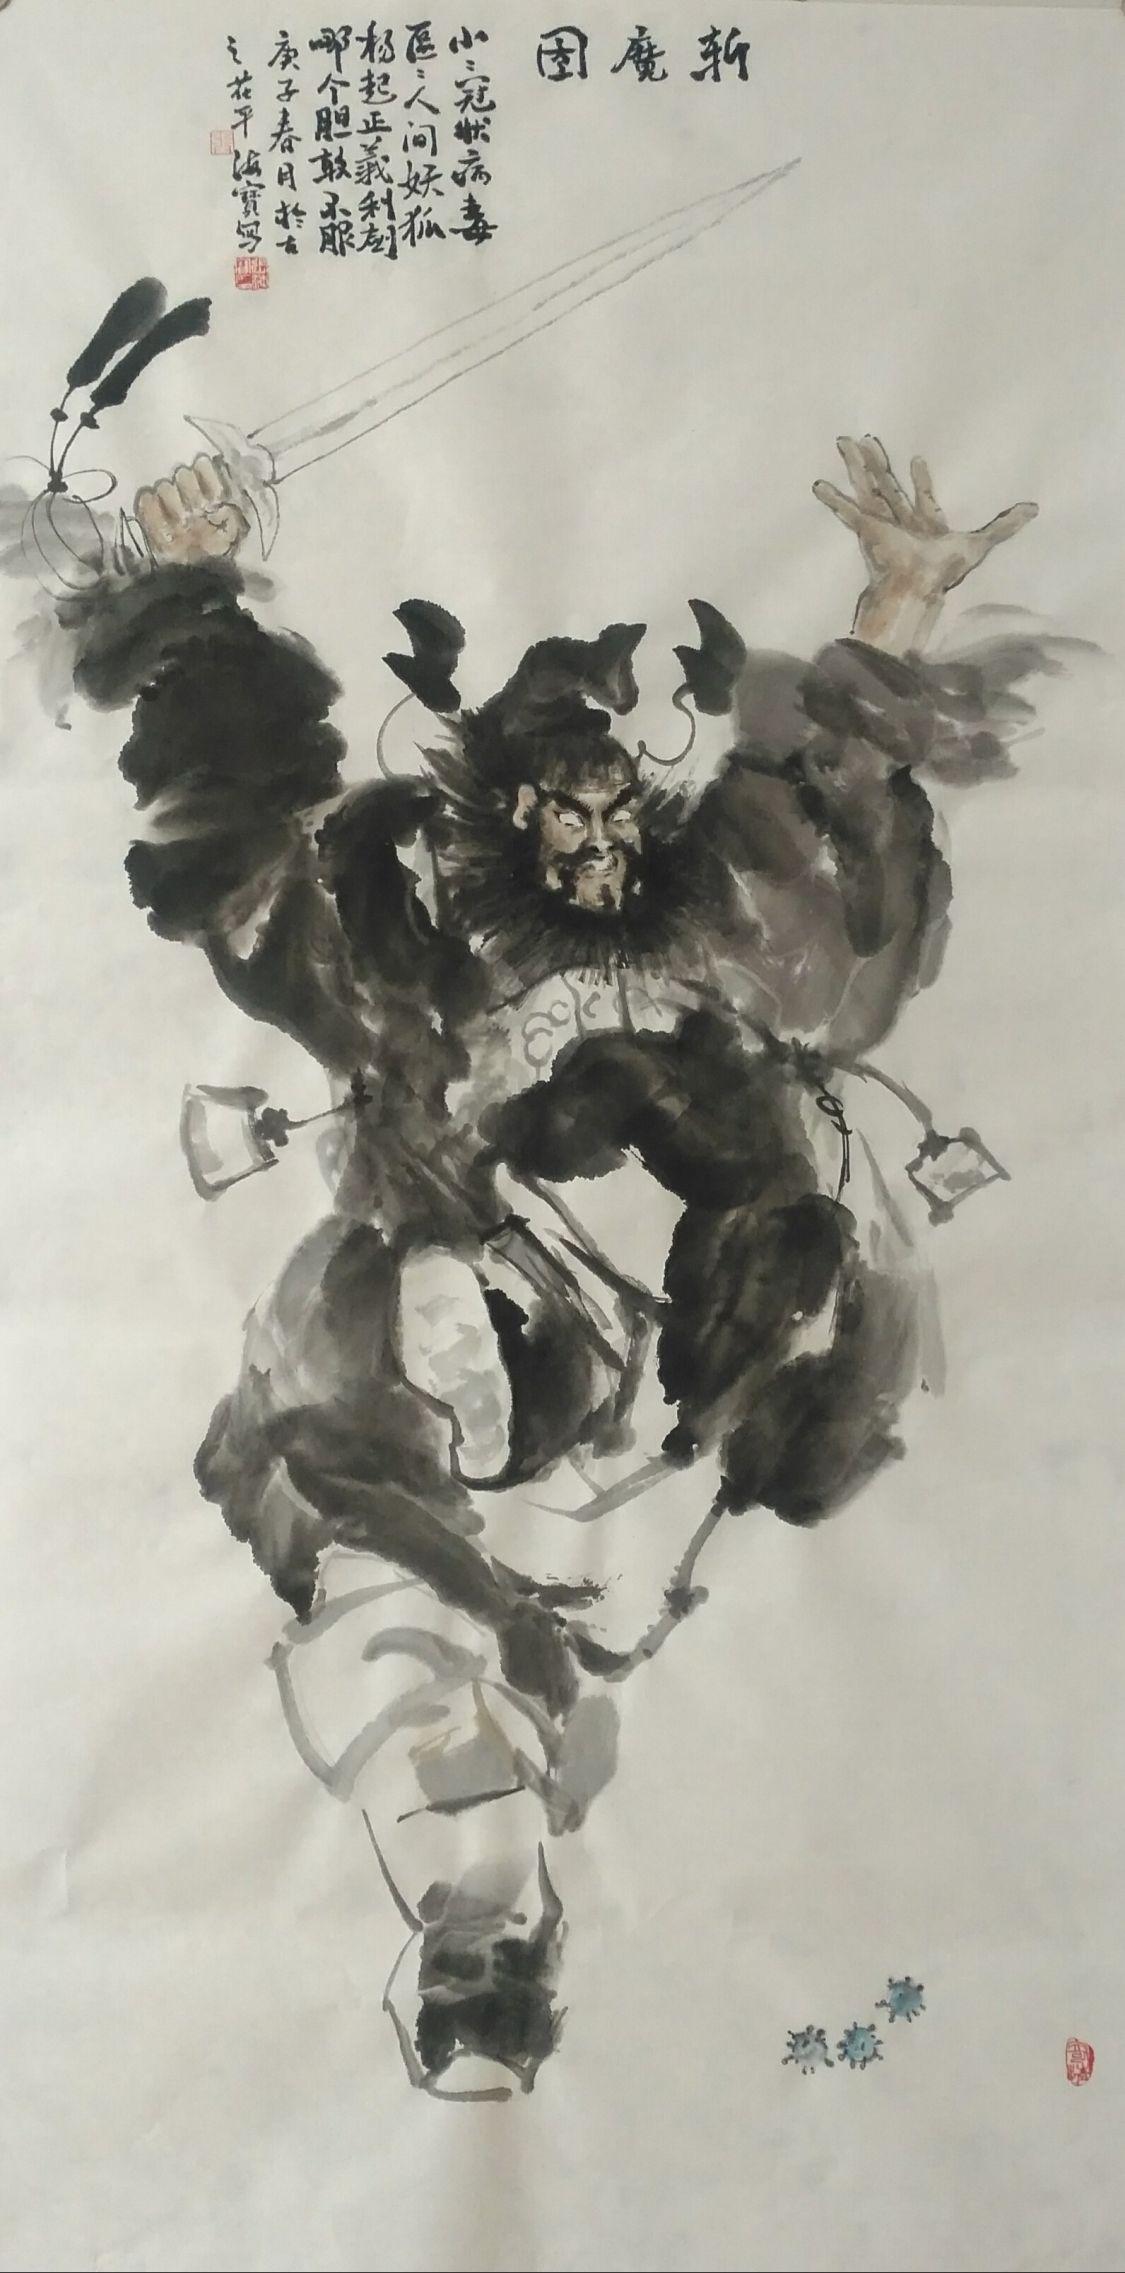 作品名称国画《斩魔图》小小冠状病毒,区区人间妖狐;扬起正义利剑,哪个胆敢不服。作者张海宝电话13468379963